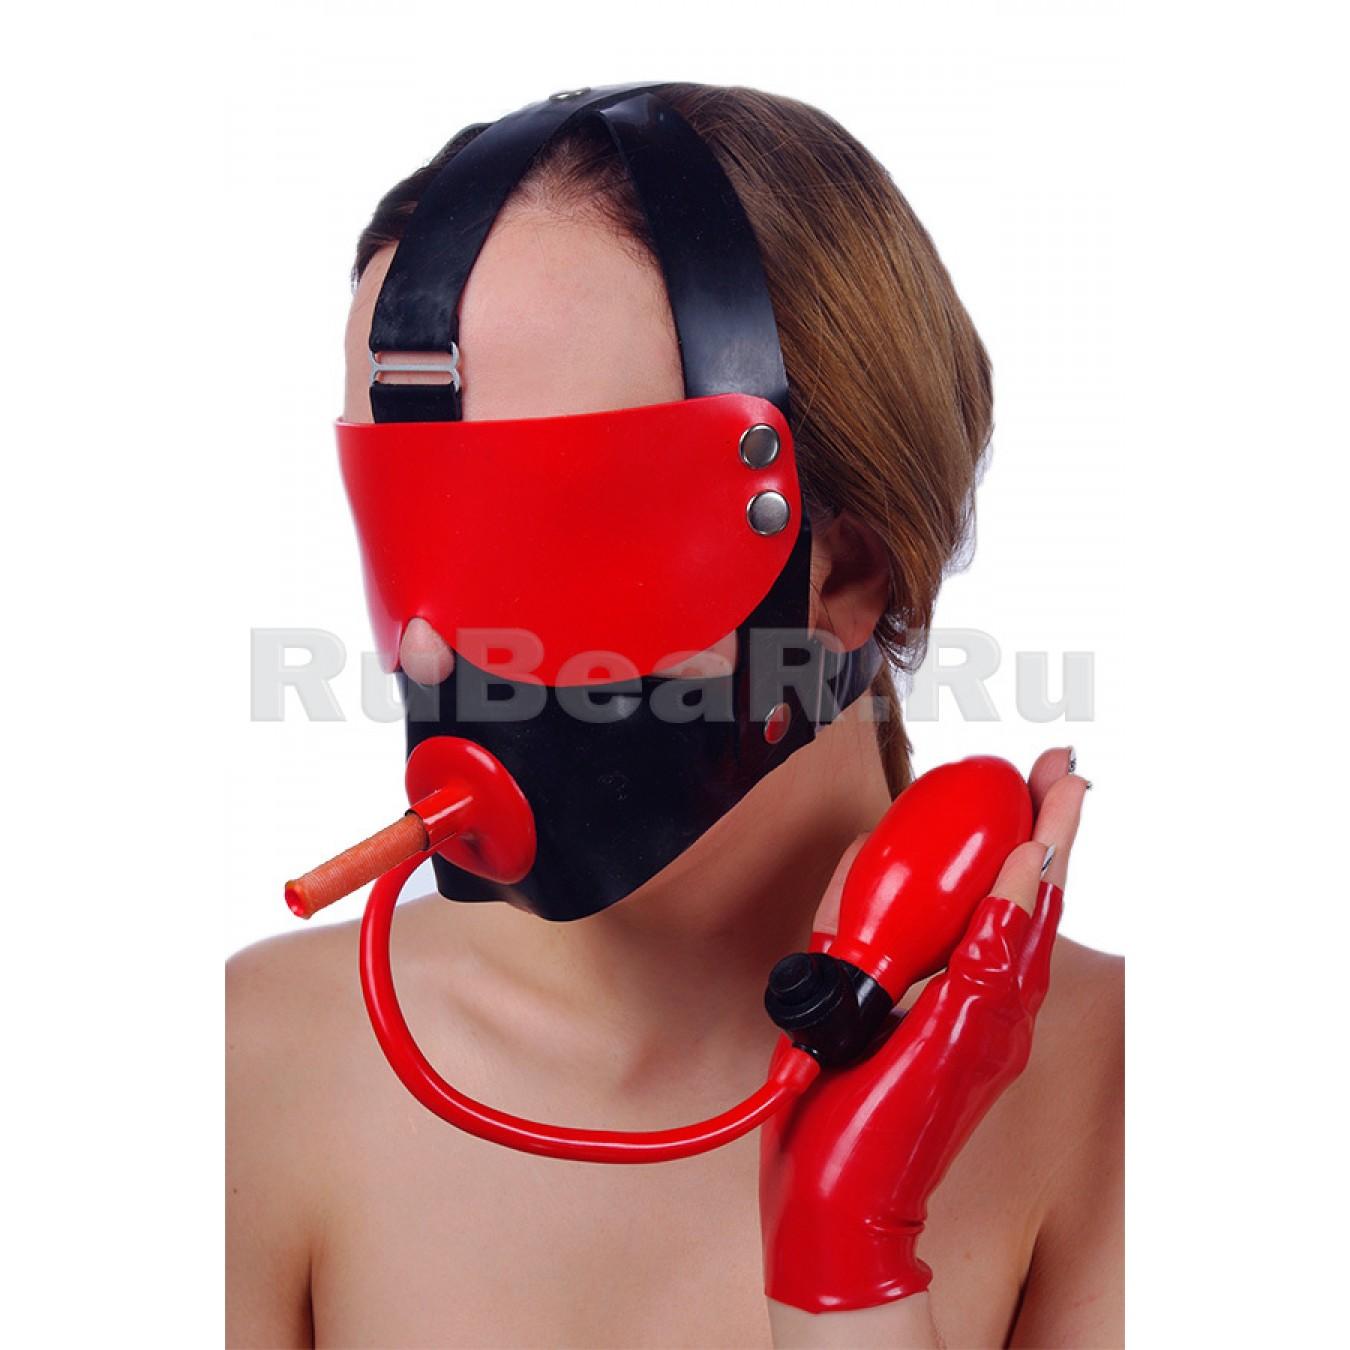 QL6108 Кляп-пробка надувной с трубкой для дыхания, на специальном механизме через голову